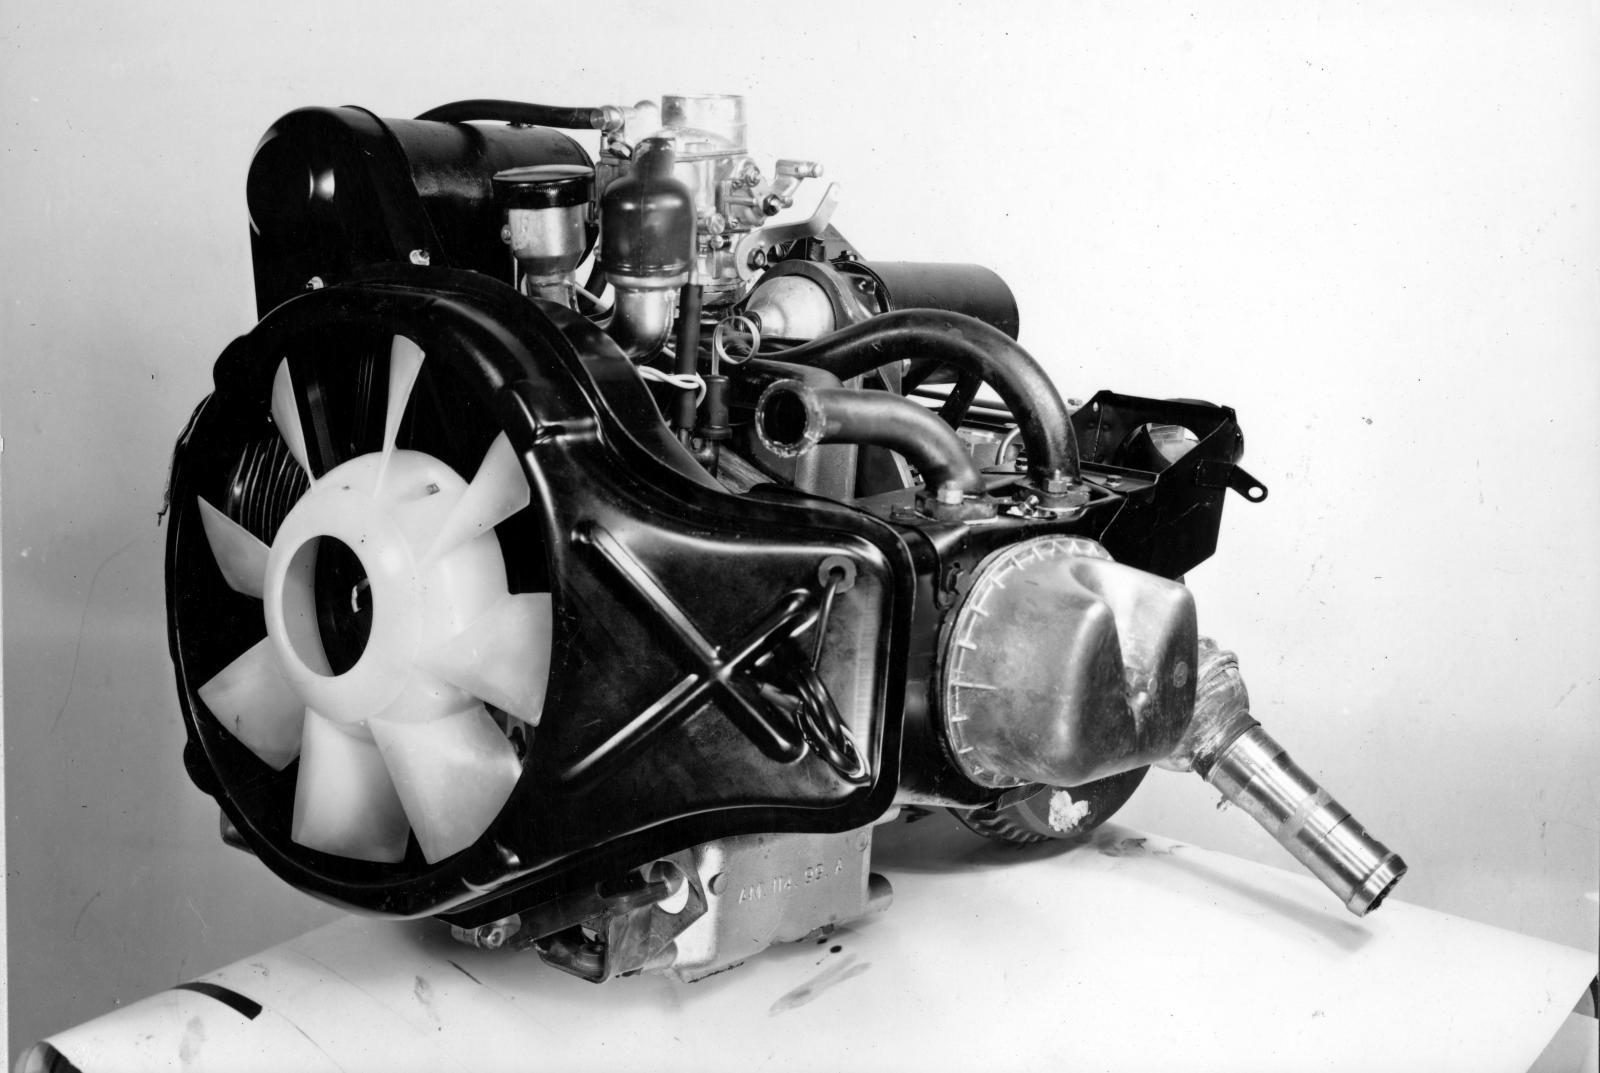 Moteur Ami 6 1961